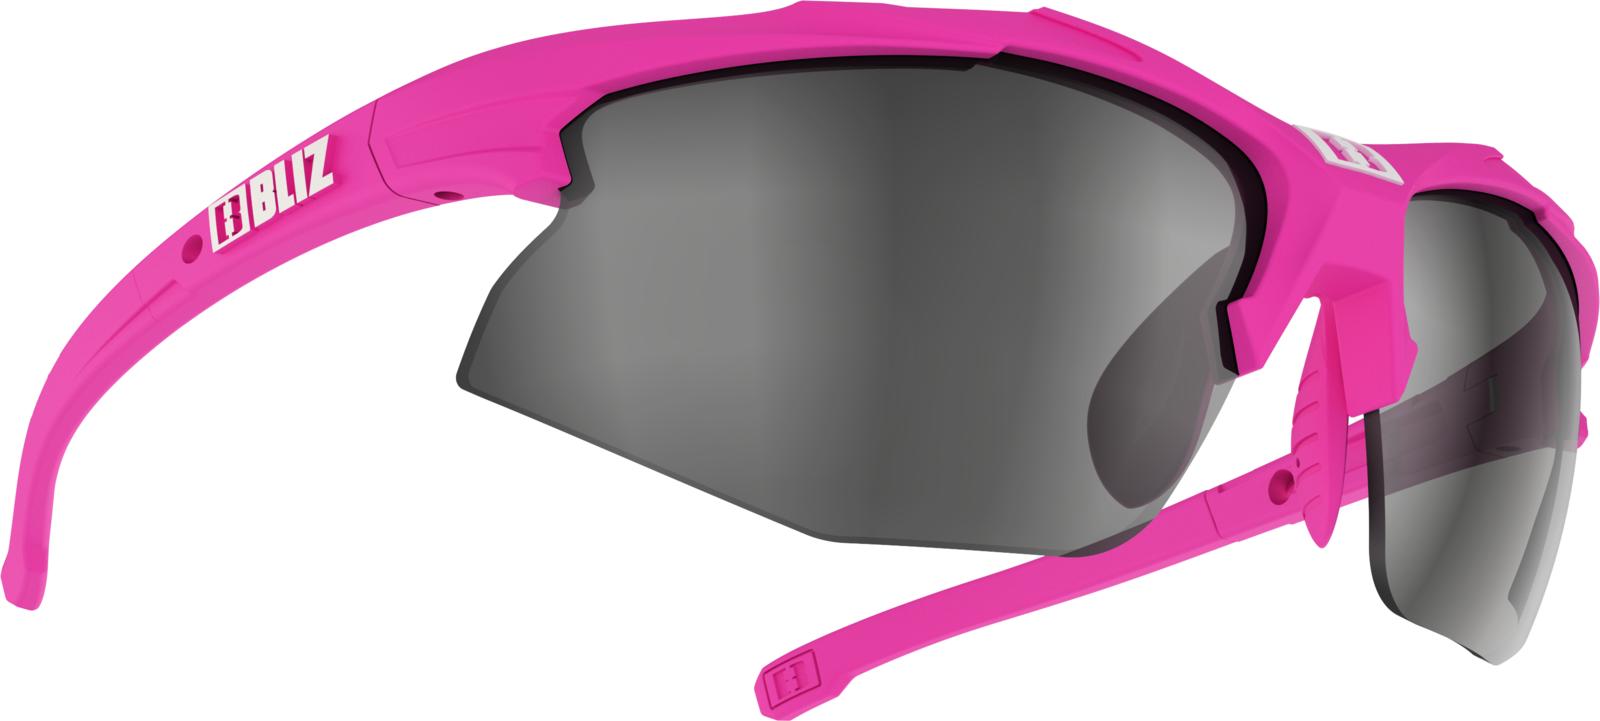 Очки спортивные Bliz Hybrid Smallface, для беговых лыж, велоспорта, цвет: розовый